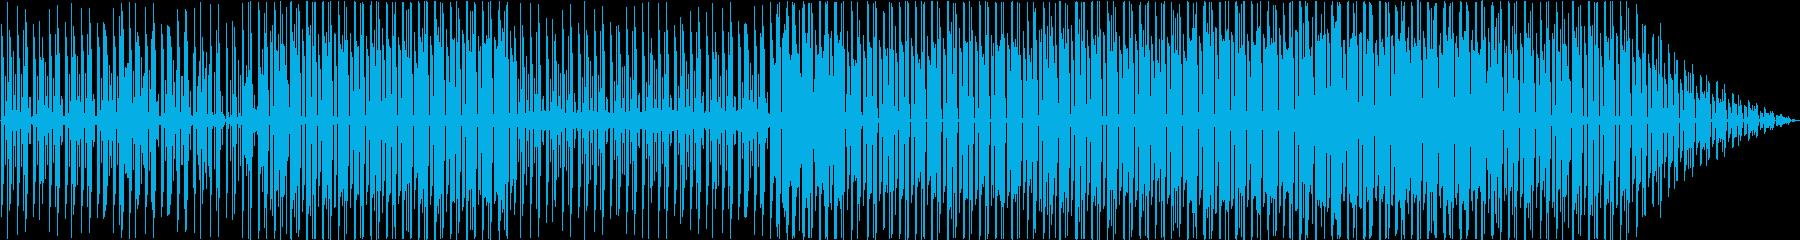 完全にインストゥルメンタルの再生済みの波形